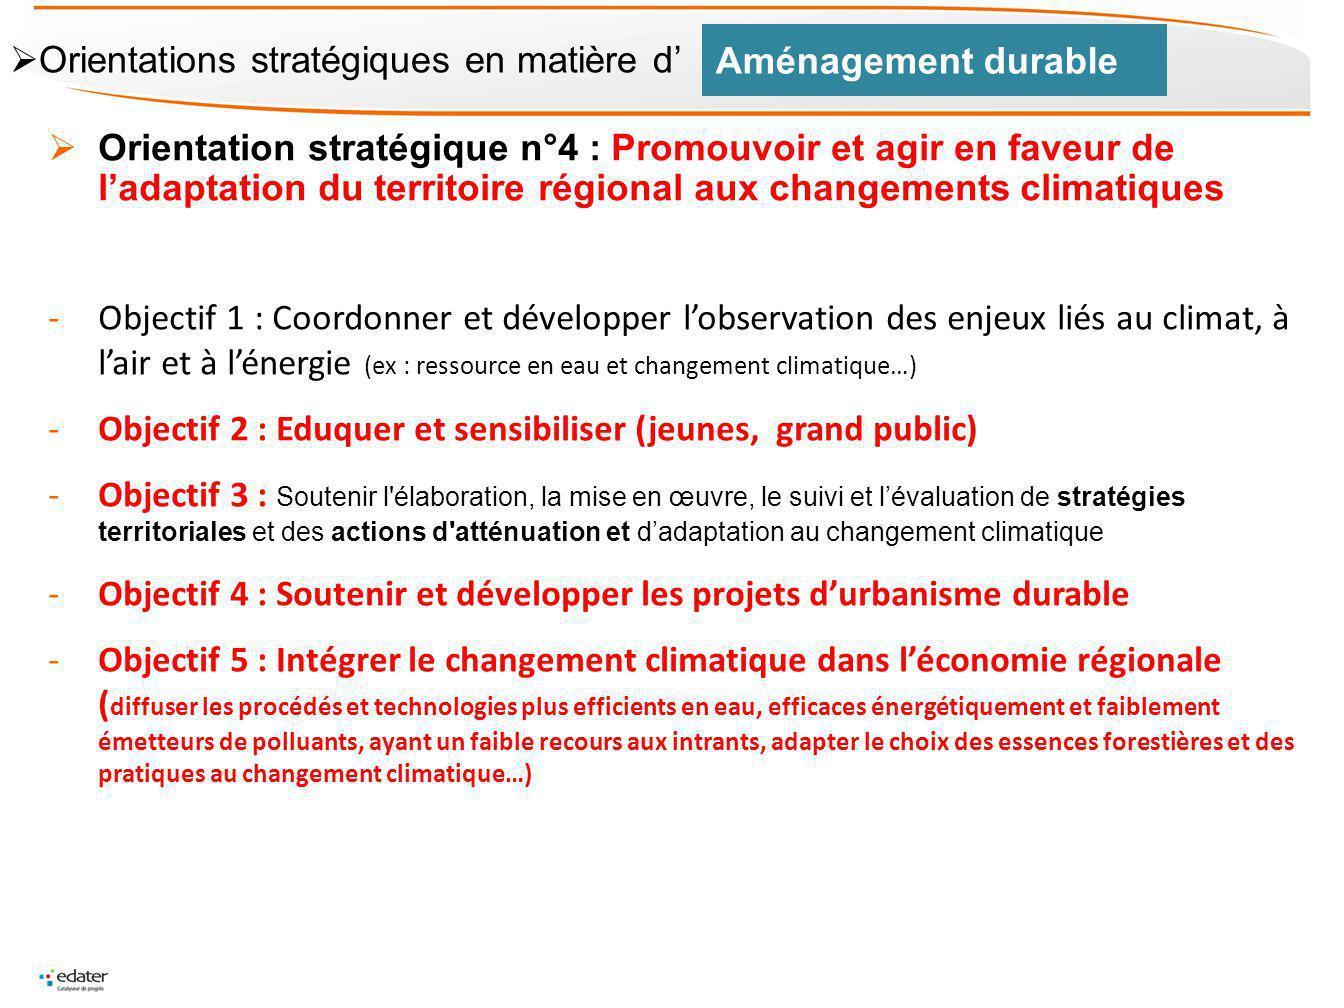 Orientation stratégique n°4 : Promouvoir et agir en faveur de ladaptation du territoire régional aux changements climatiques -Objectif 1 : Coordonner